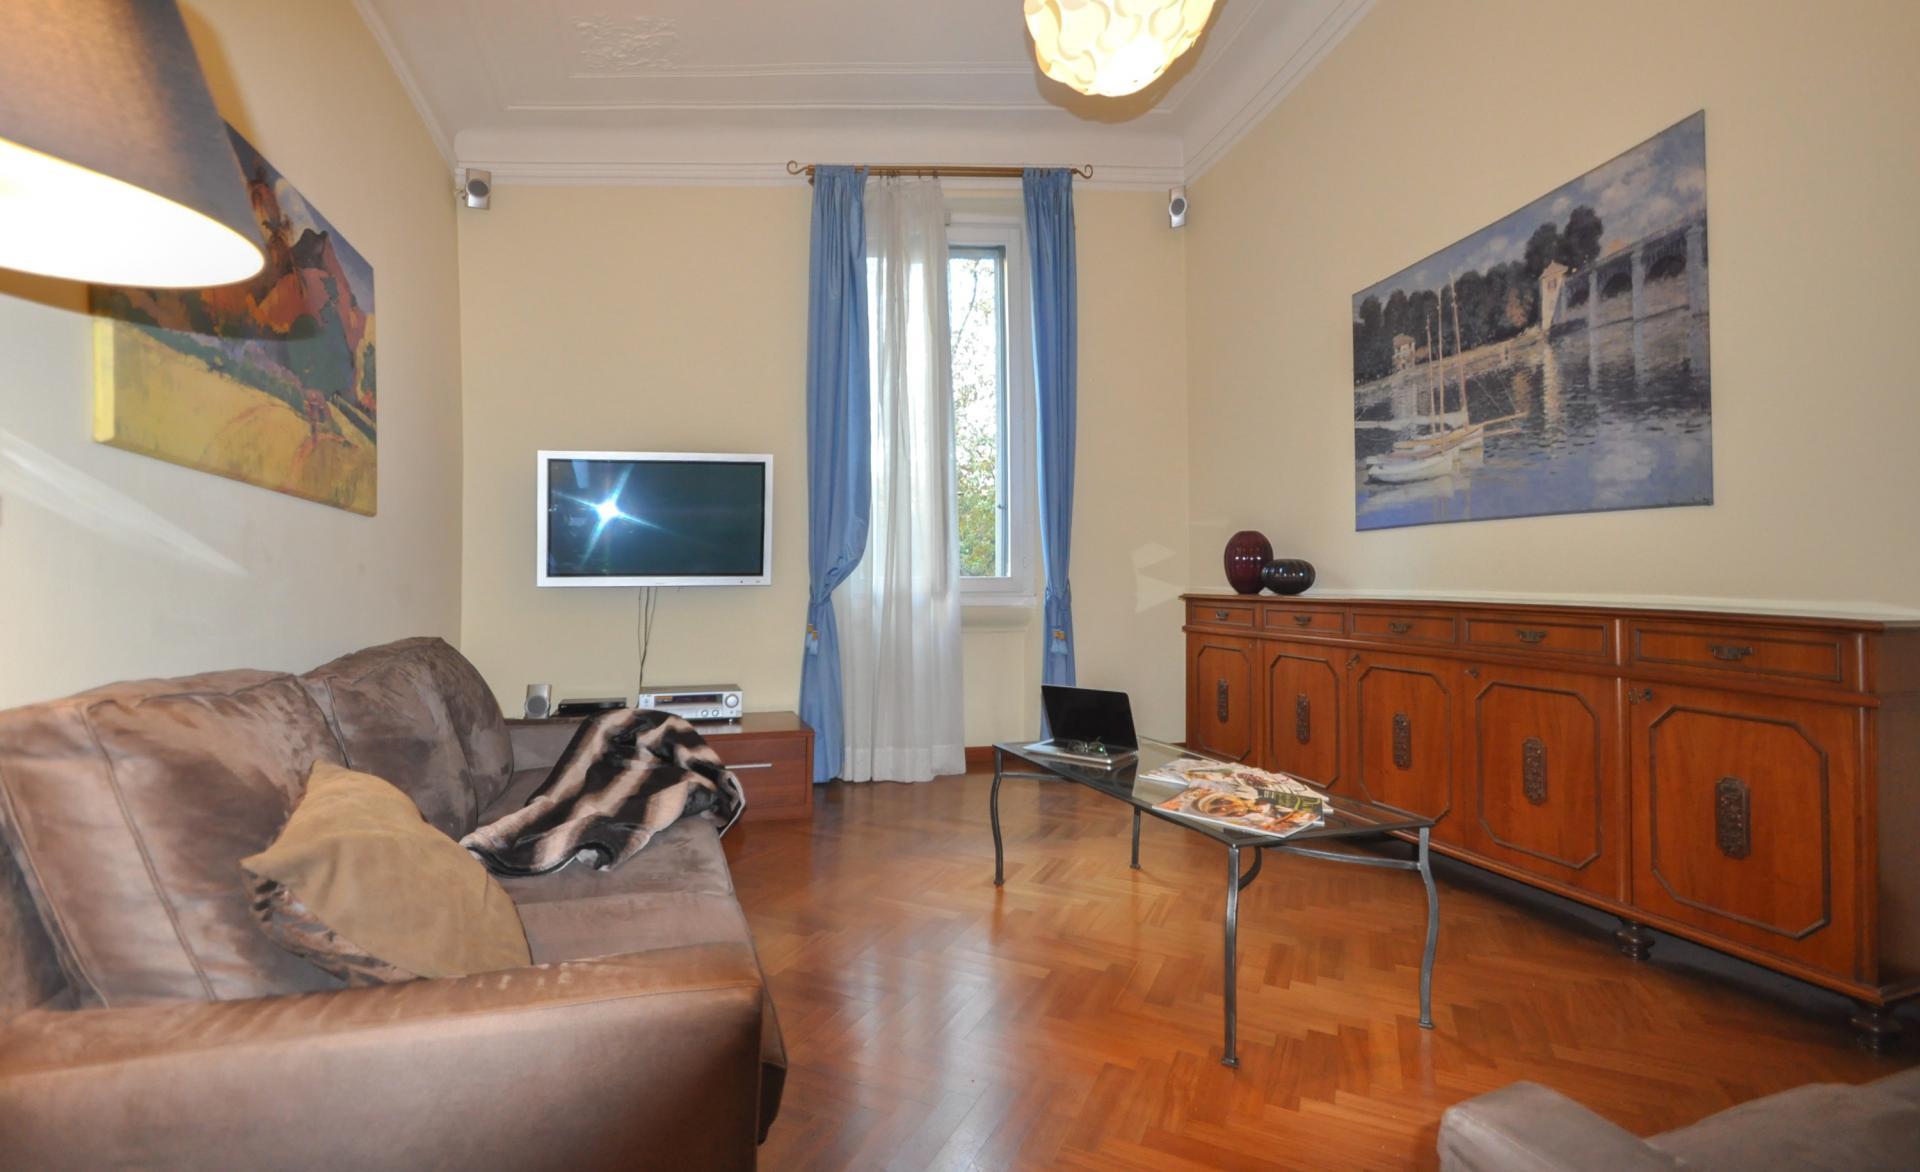 Sesto San Giovanni   Appartamento in Vendita in VIALE ERCOLE MARELLI   lacasadimilano.it